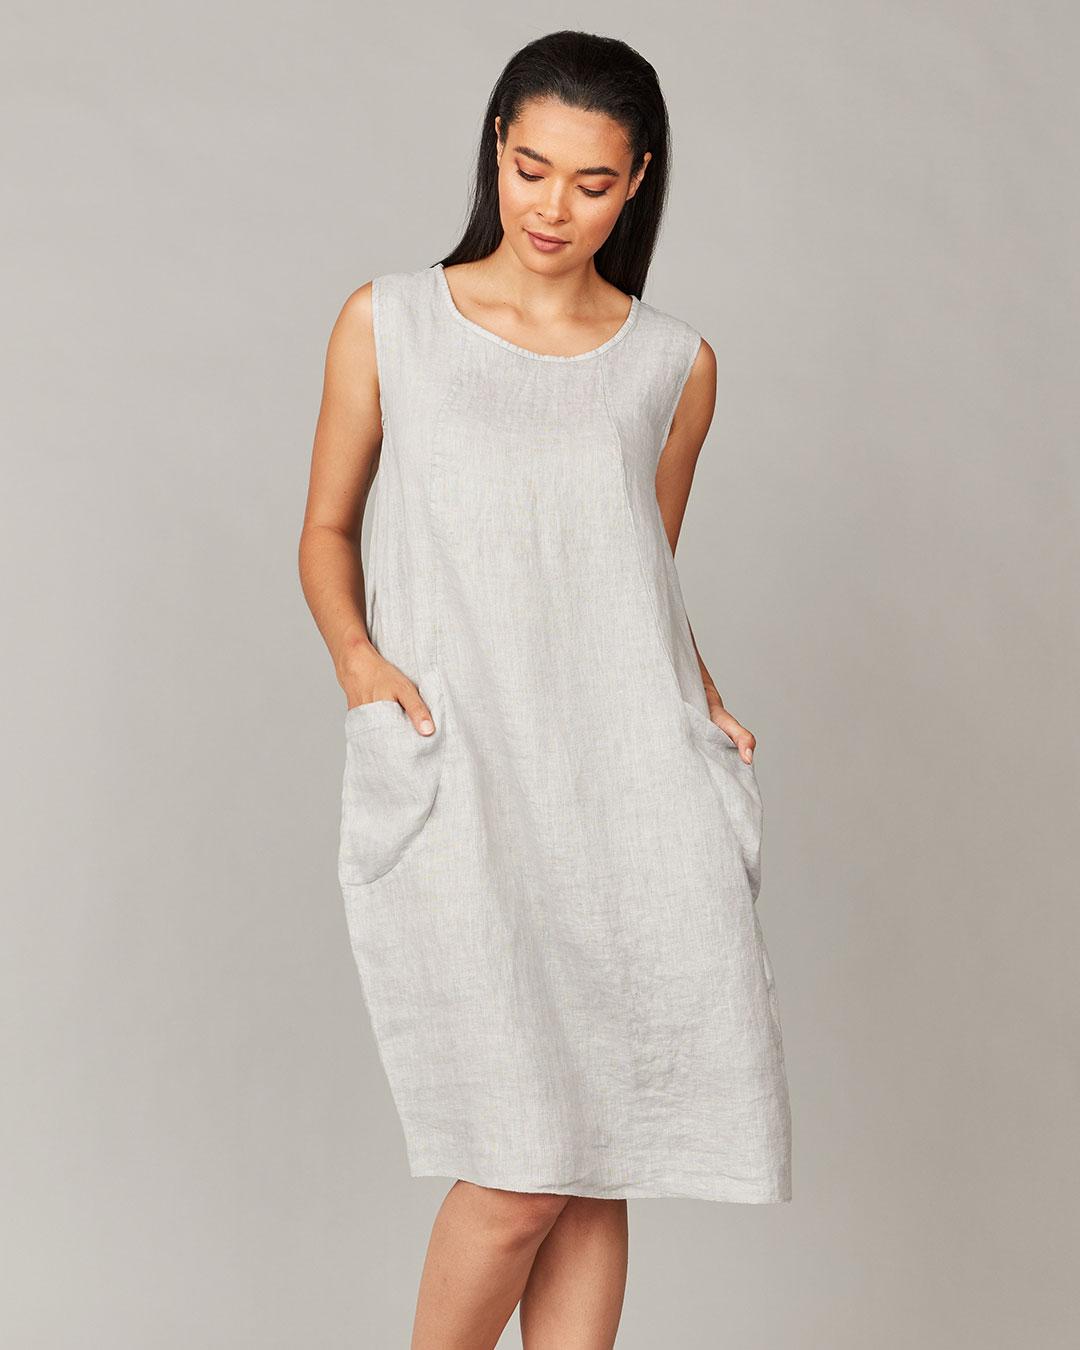 pistache-clothing-comfort-dress-pebble-dianes-lingerie-vancouver-1080x1080